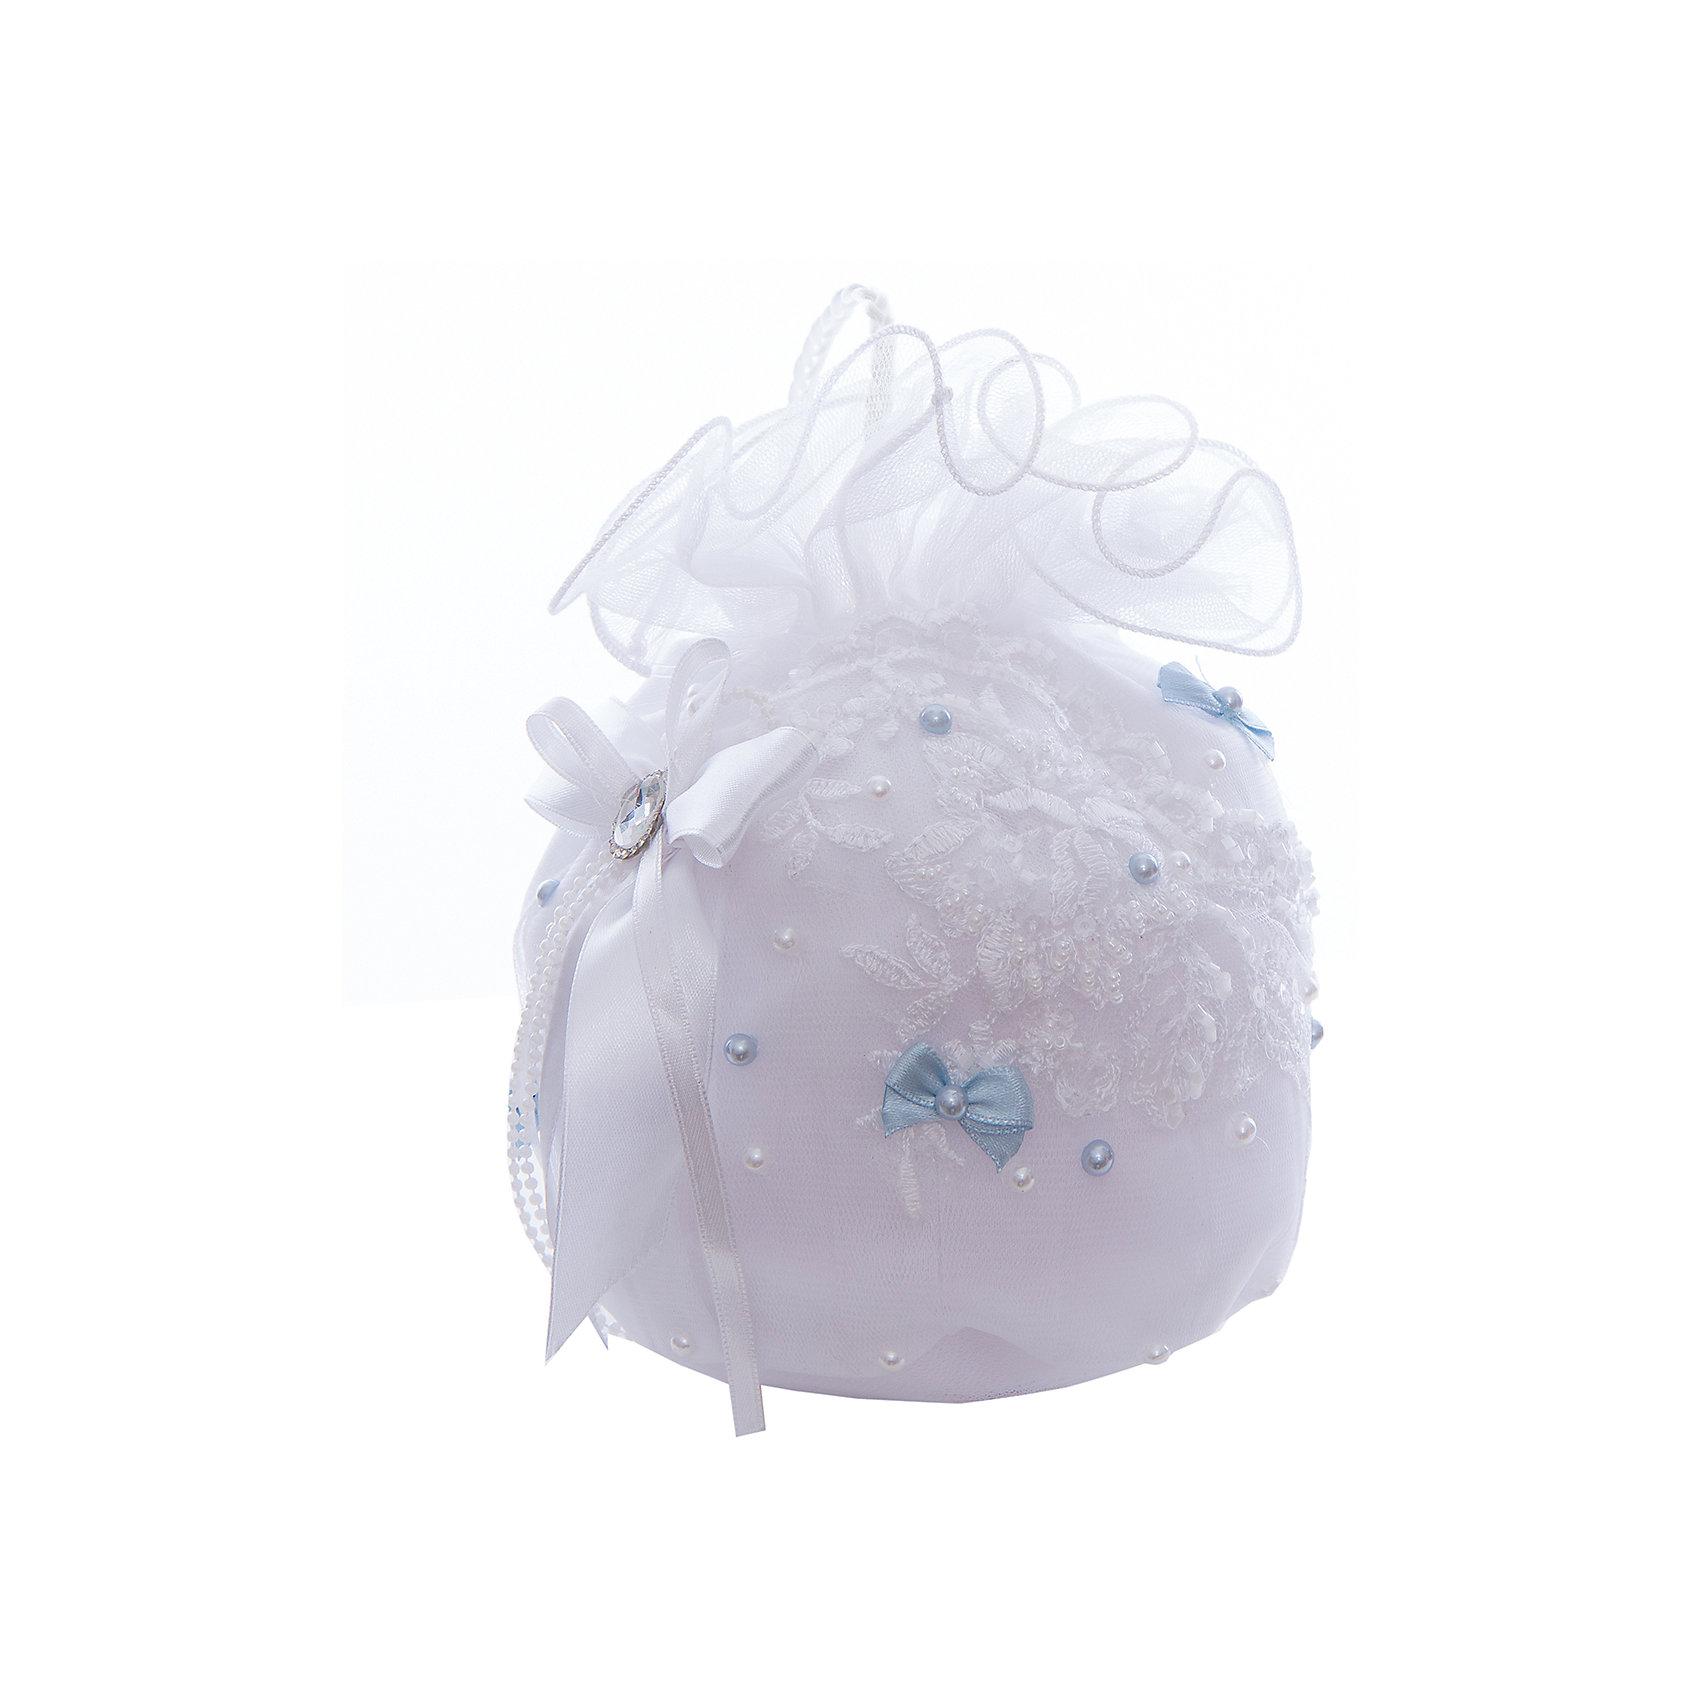 Сумочка для девочки ПрестижАксессуары<br>Характеристики:<br><br>• Вид аксессуара: сумочка<br>• Пол: для девочки<br>• Предназначение: вечерняя<br>• Коллекция: IP<br>• Сезон: круглый год<br>• Цвет: белый, голубой<br>• Материал: текстиль, кружево, фатин<br>• Особенности ухода: сухая чистка<br><br>Сумочка для девочки Престиж от отечественного производителя, который специализируется на выпуске праздничной одежды и аксессуаров как для взрослых, так и для детей. Изделие выполнено из сочетания текстиля, фатина, атласных лент. Все материалы хорошо держат и сохраняют форму, не вызывают аллергических реакций. У сумочки предусмотрена ручка. Декорирована стразами и бусинами.<br><br>Сумочка для девочки Престиж не только дополнит праздничный образ юной леди, но и сделает его изысканным и стильным!<br><br>Сумочку для девочки Престиж можно купить в нашем интернет-магазине.<br><br>Ширина мм: 170<br>Глубина мм: 157<br>Высота мм: 67<br>Вес г: 117<br>Цвет: голубой<br>Возраст от месяцев: 60<br>Возраст до месяцев: 168<br>Пол: Женский<br>Возраст: Детский<br>Размер: one size<br>SKU: 5387791